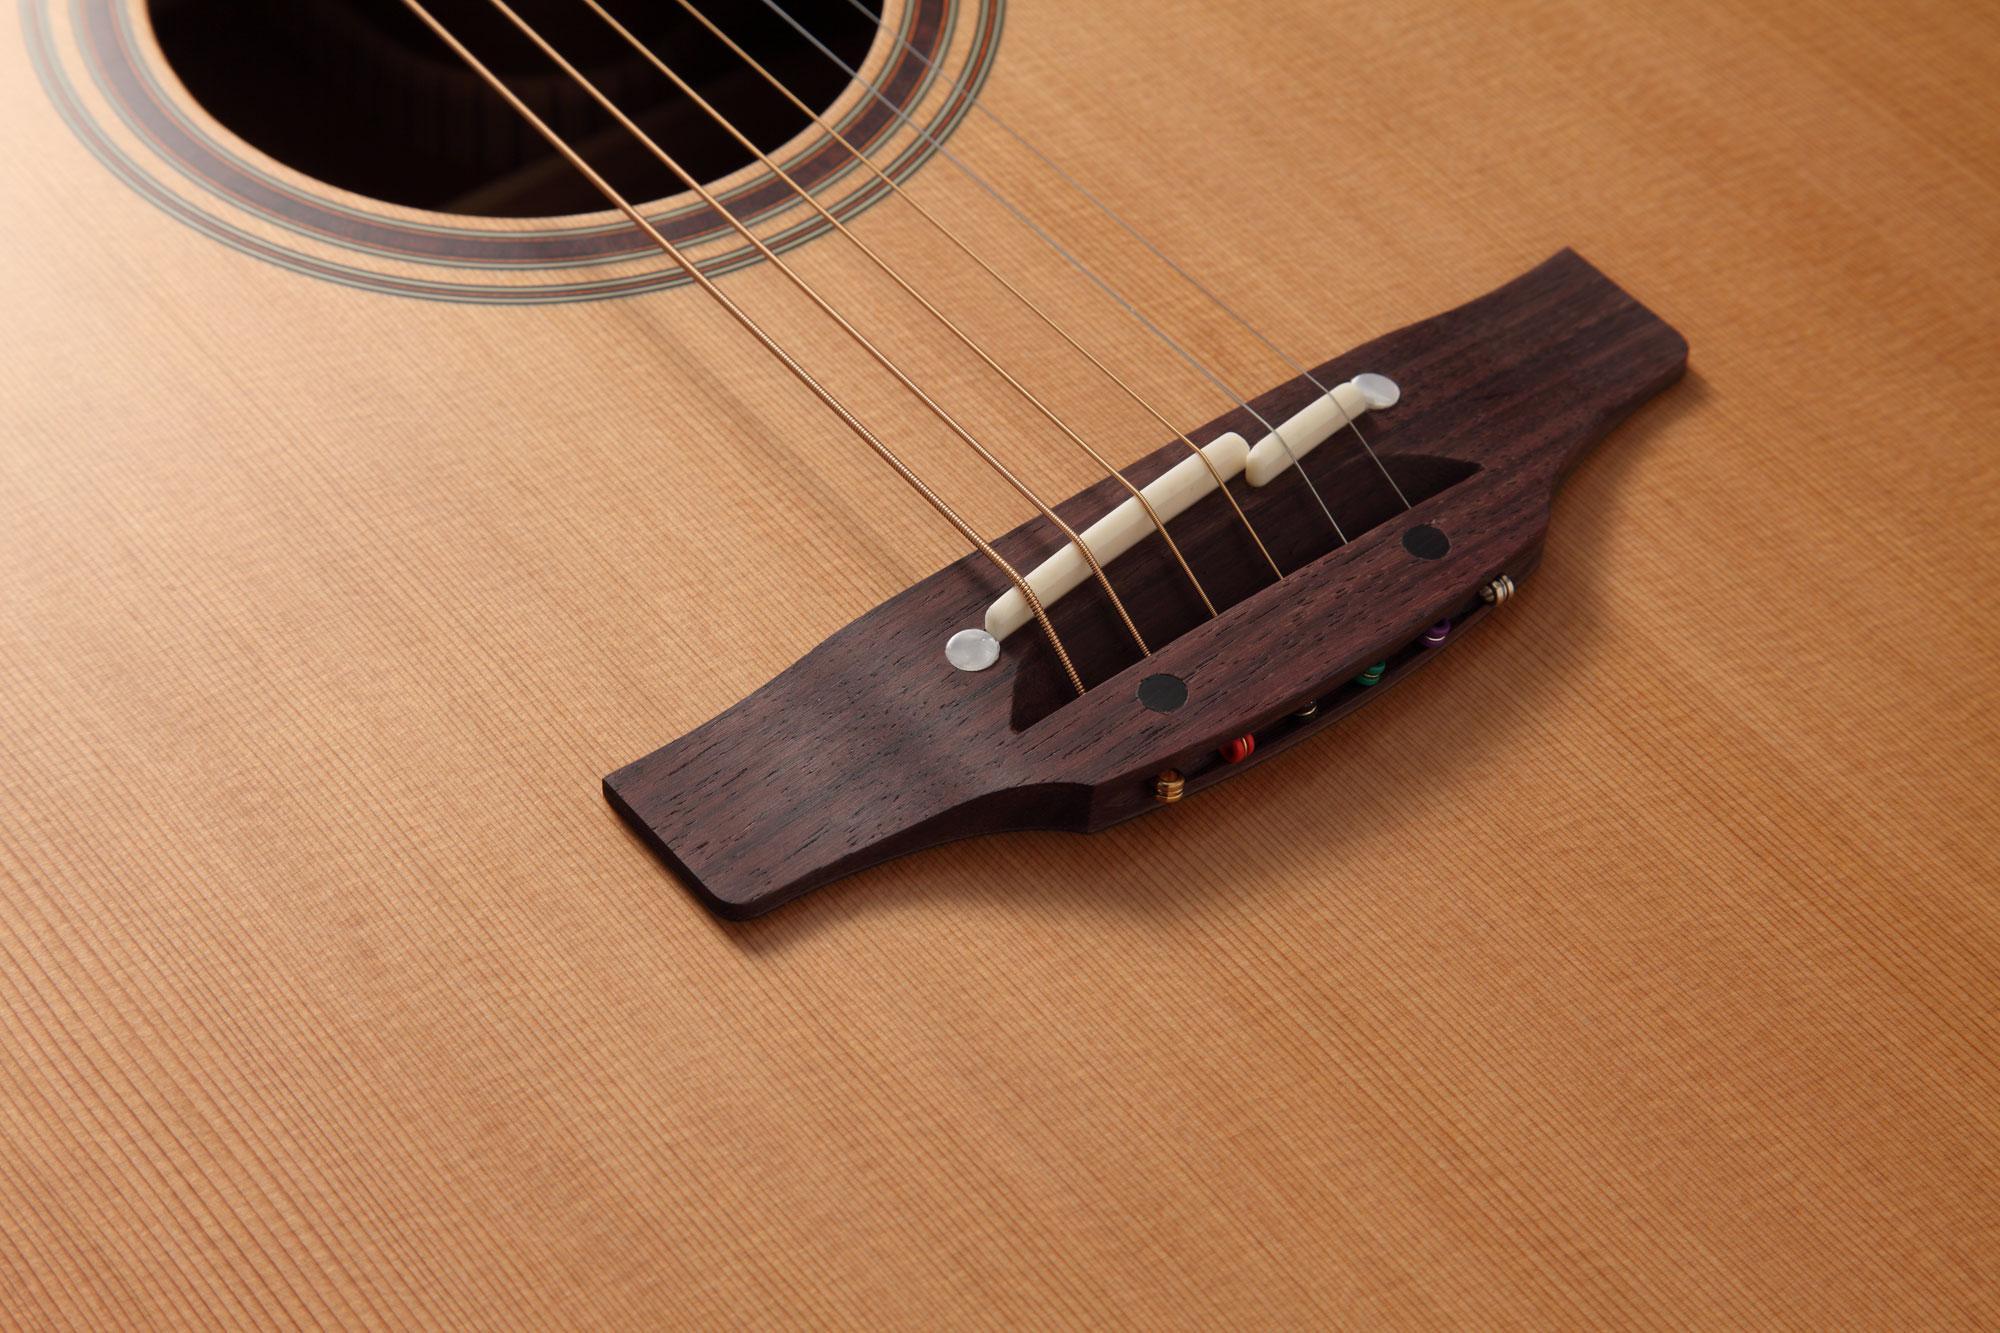 Takamine CT4BII Preamp für Westerngitarre Vorverstärker Tuner 3-Band-EQ Cinch